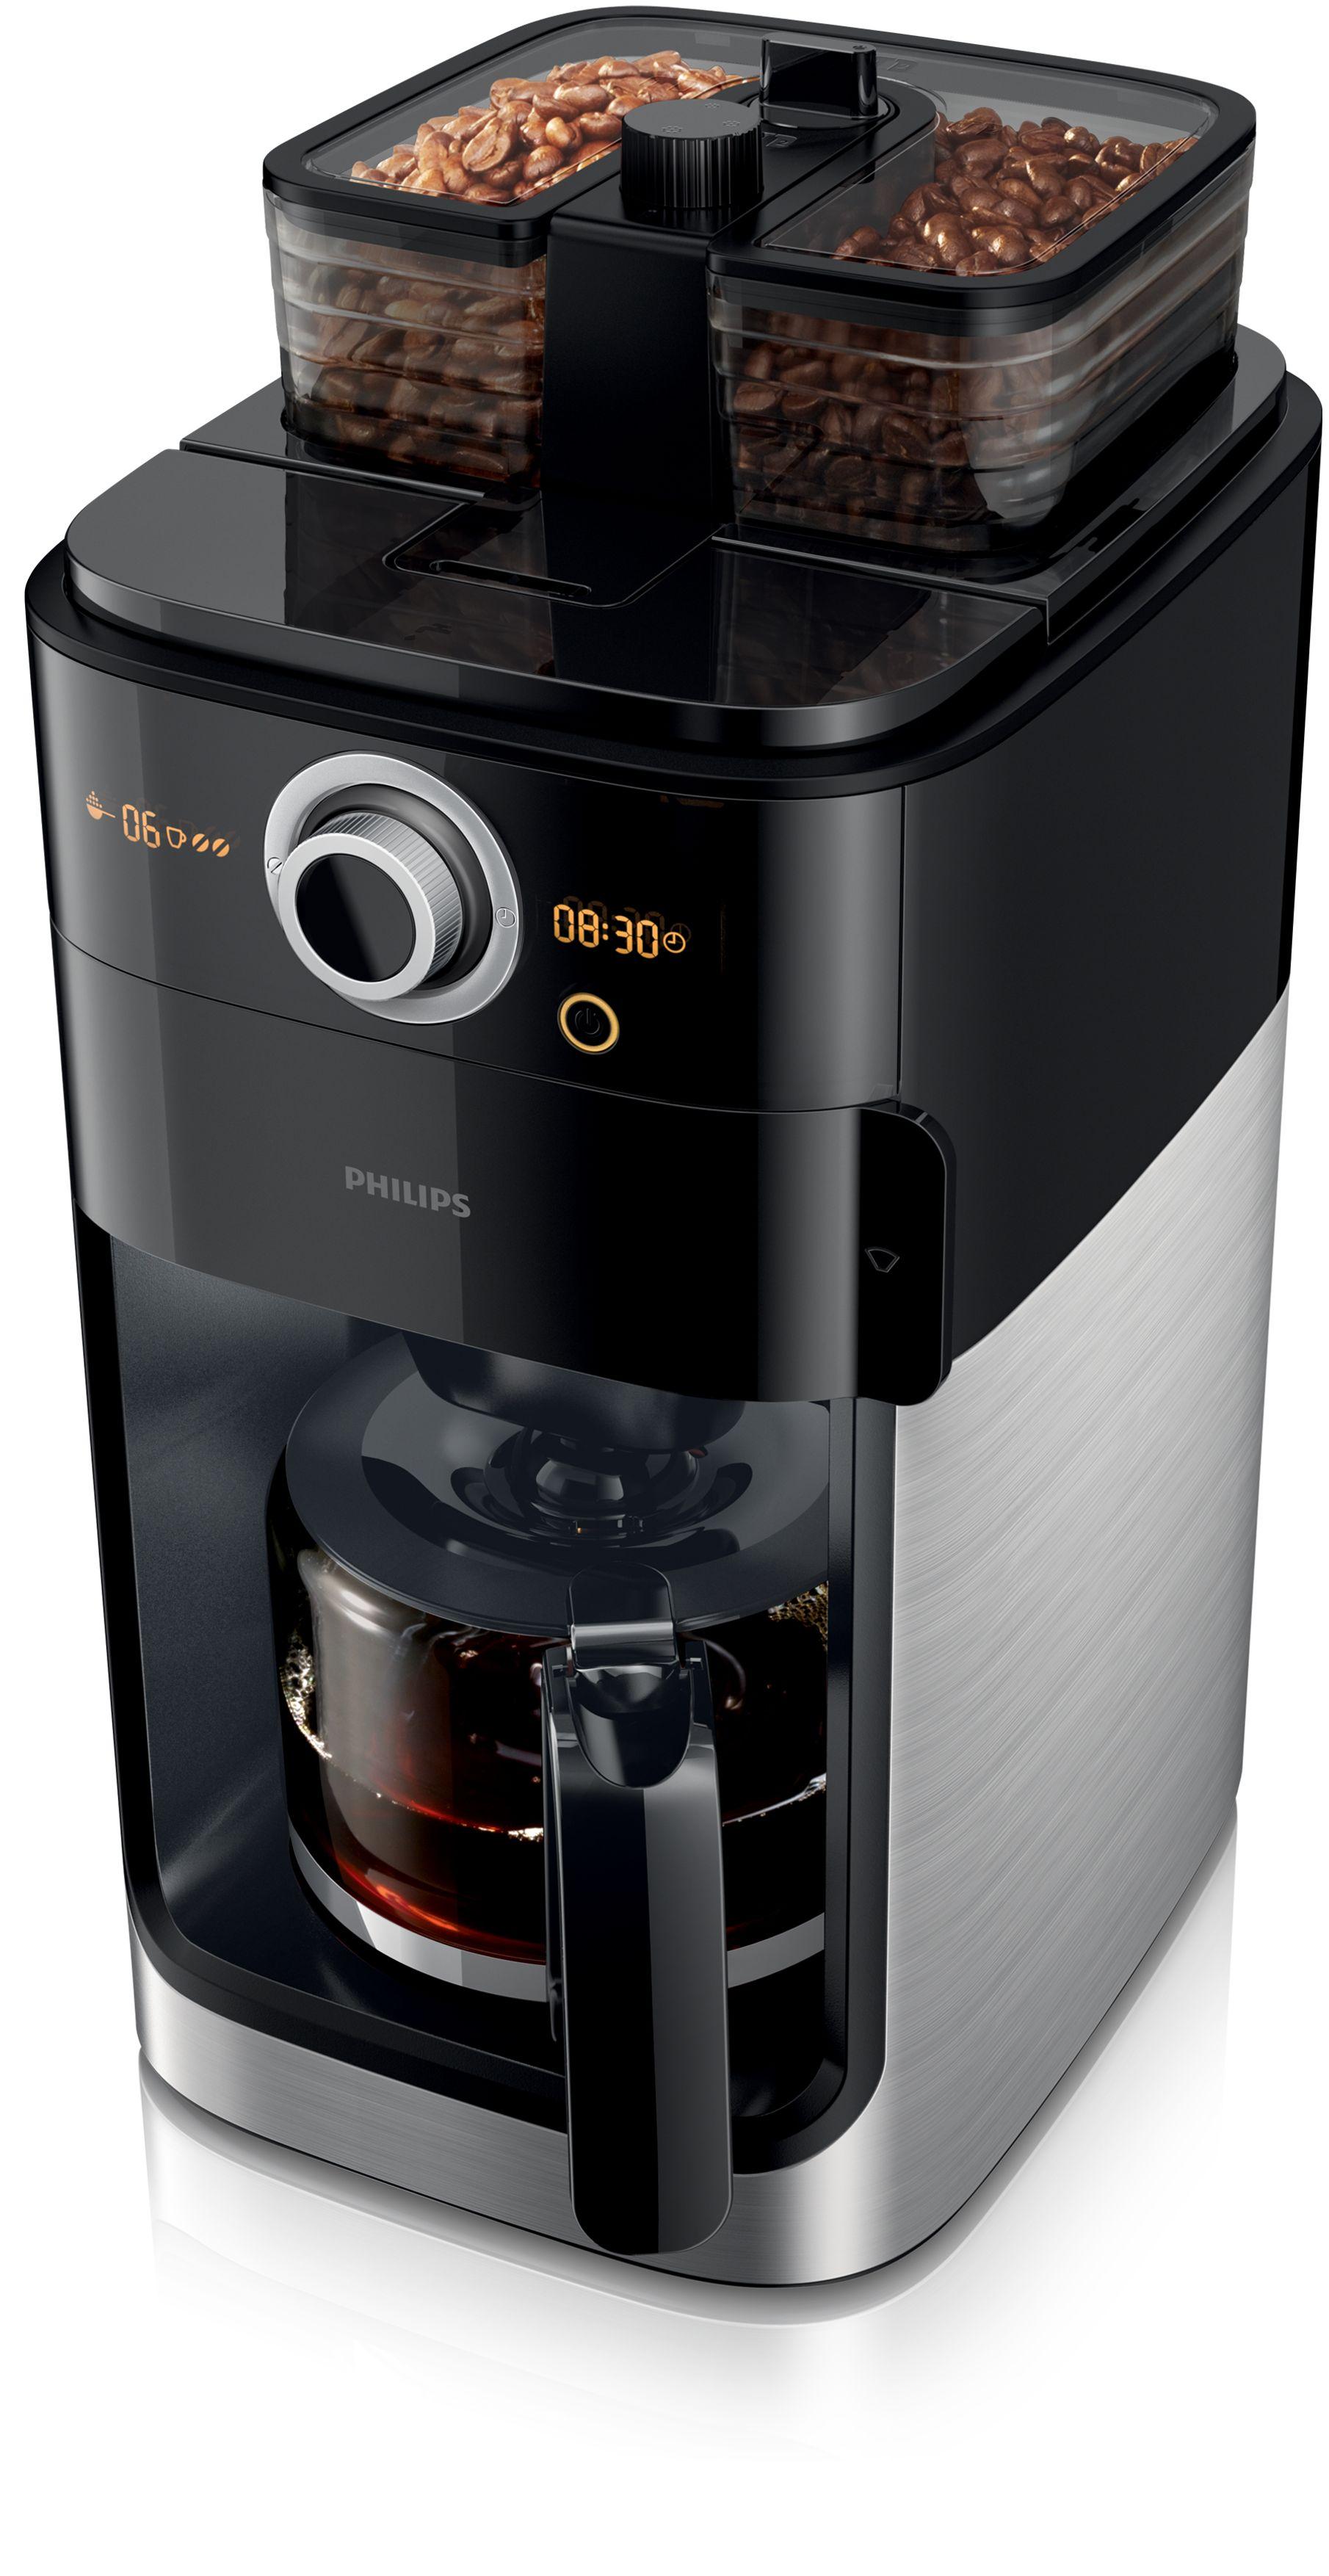 philips hd7762 00 filterkaffeemaschine grind brew kaffeebohnen nach geschmack mischen und. Black Bedroom Furniture Sets. Home Design Ideas